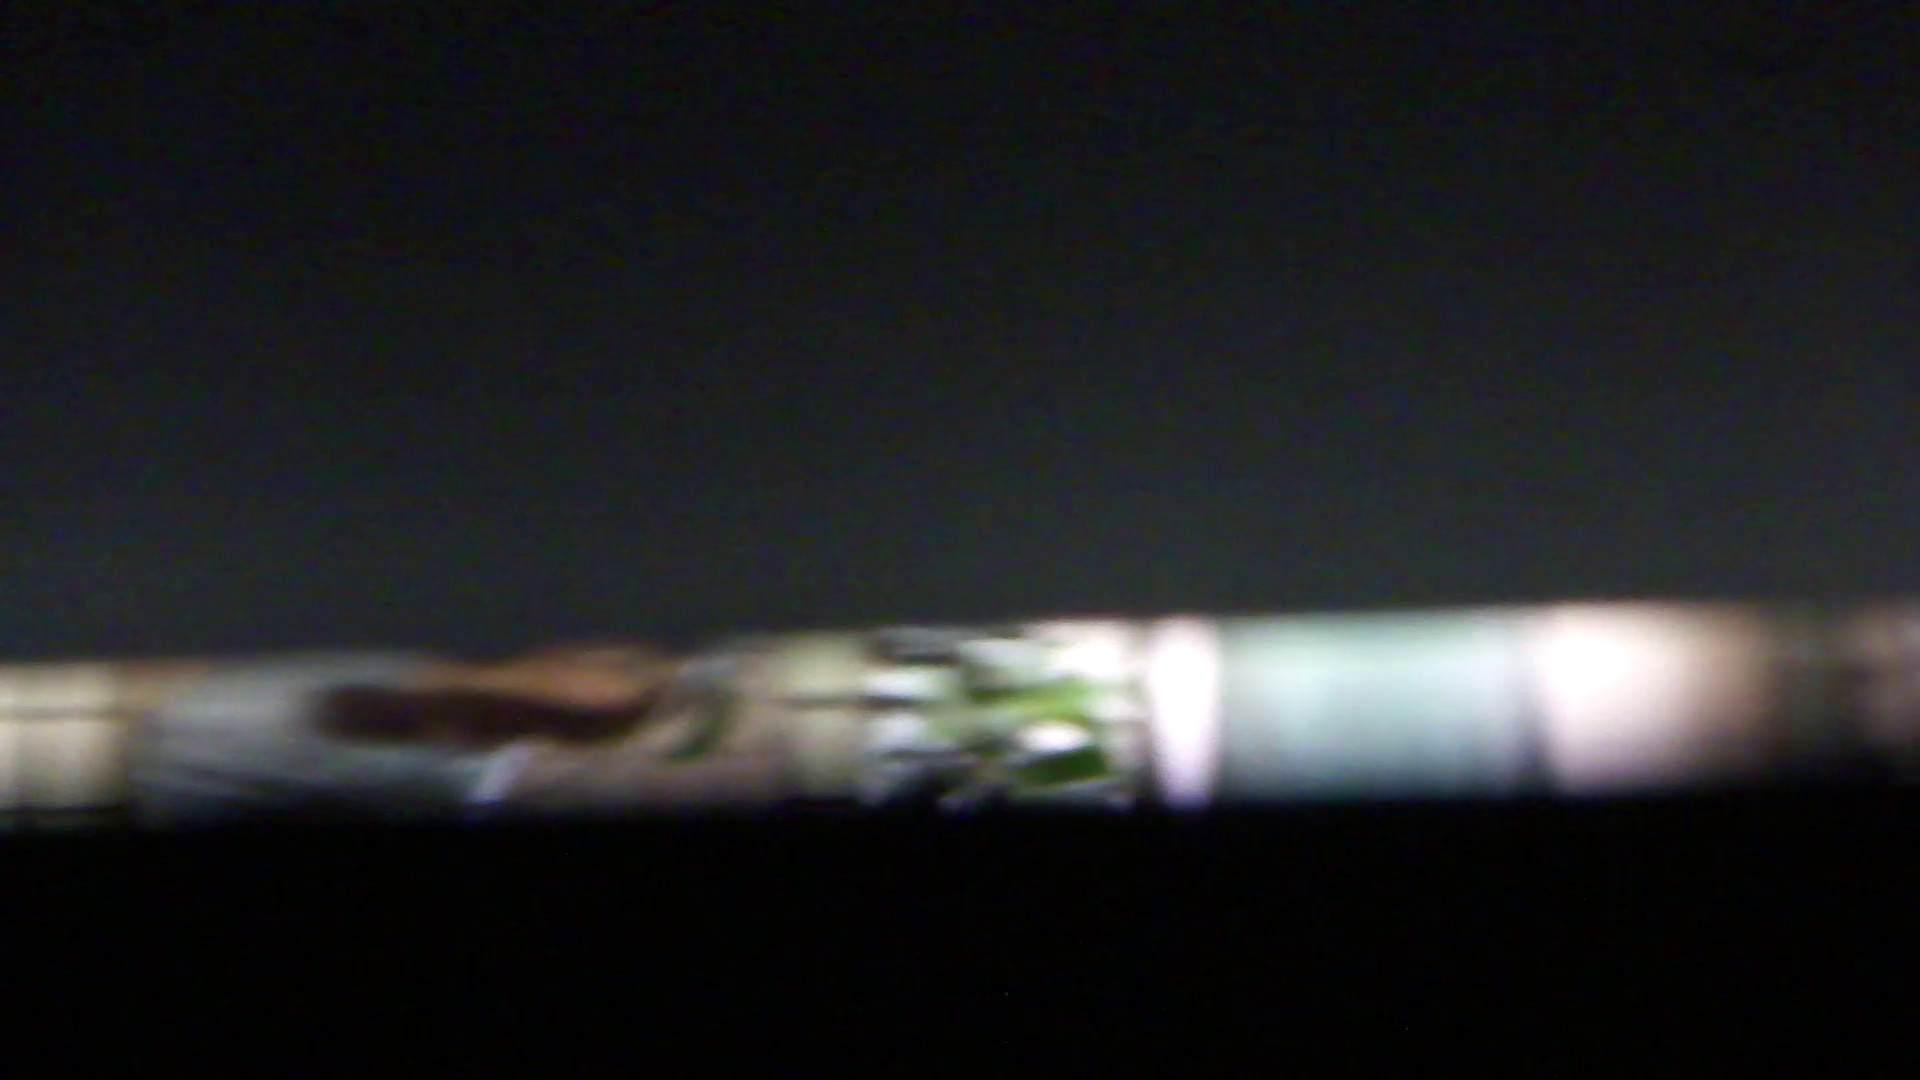 JD盗撮 美女の洗面所の秘密 Vol.76 トイレ盗撮 オマンコ無修正動画無料 100枚 79